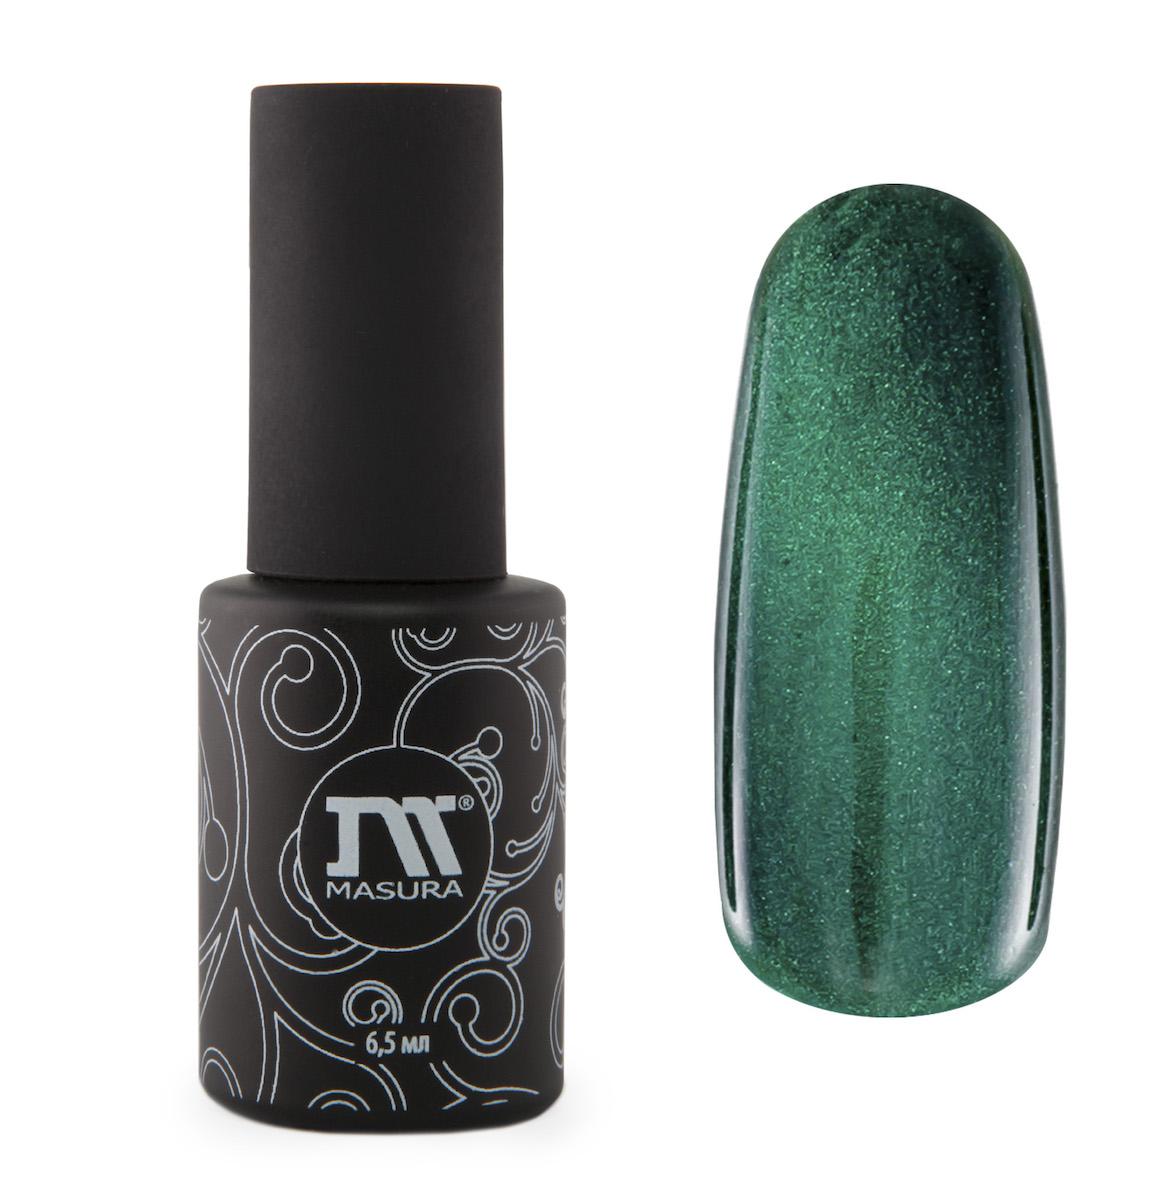 Masura Гель-лак Камея Императрицы, 6,5 мл685684изумрудно-зеленый с холодным подтоном, с зеркальным переливом, плотный